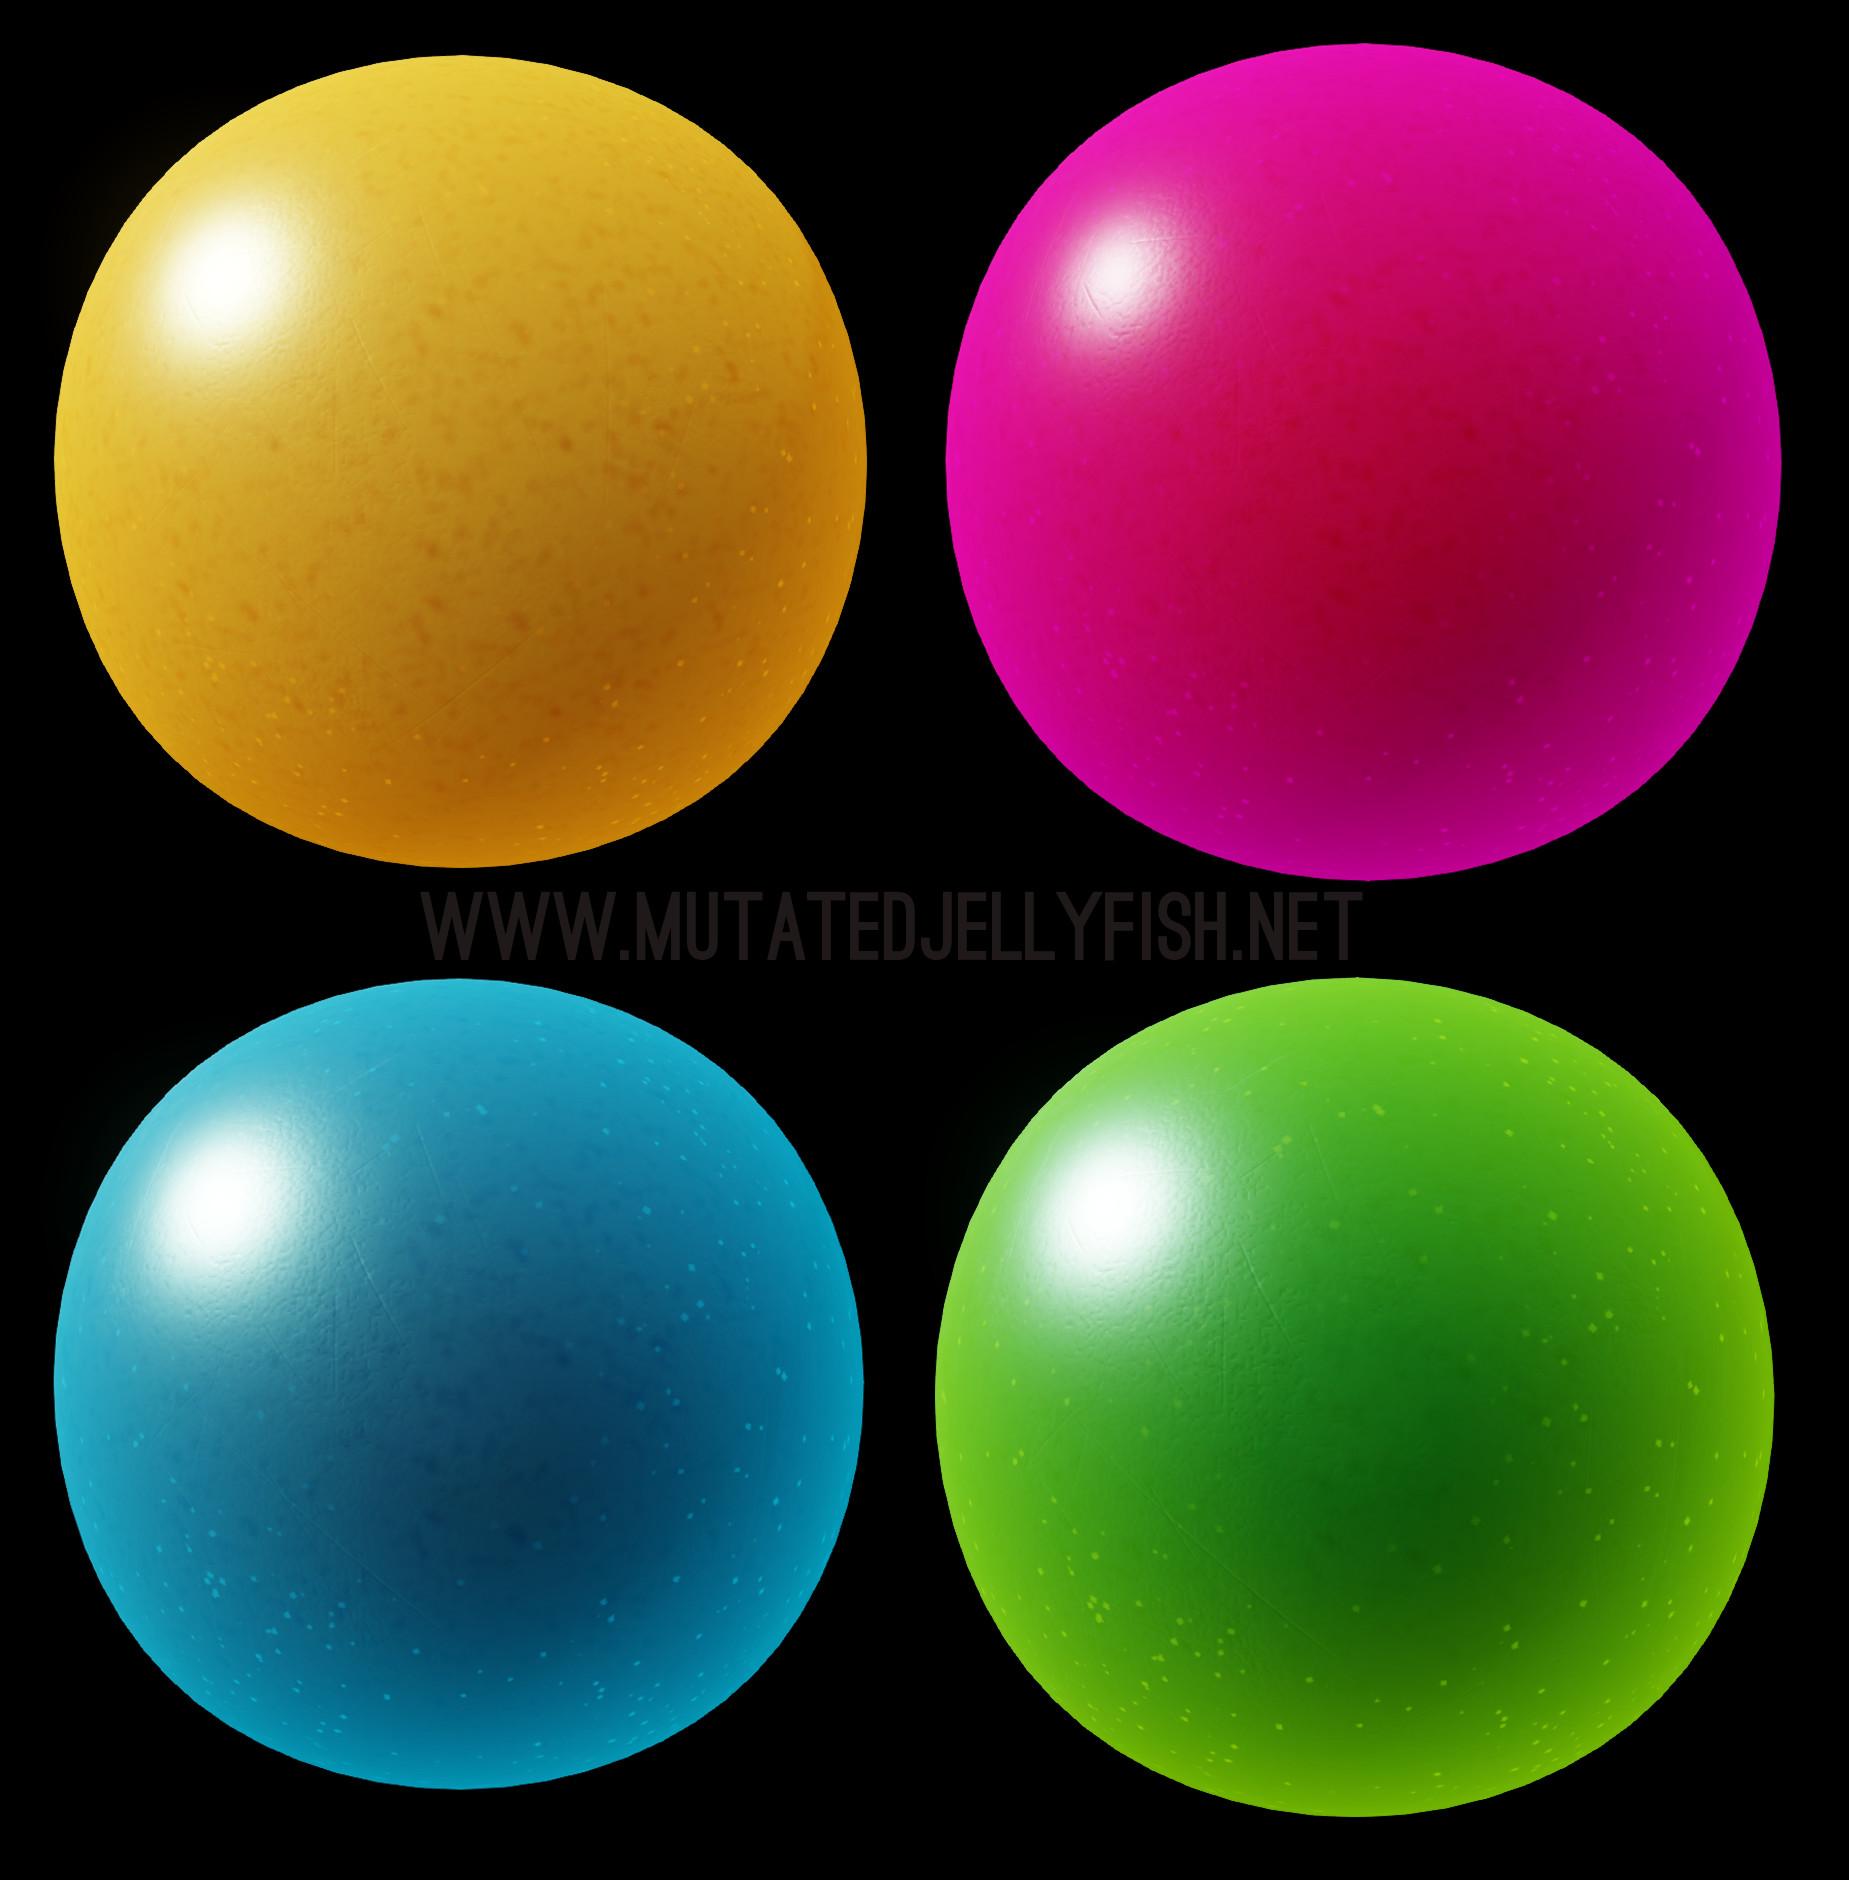 Worth dayley spheres 06